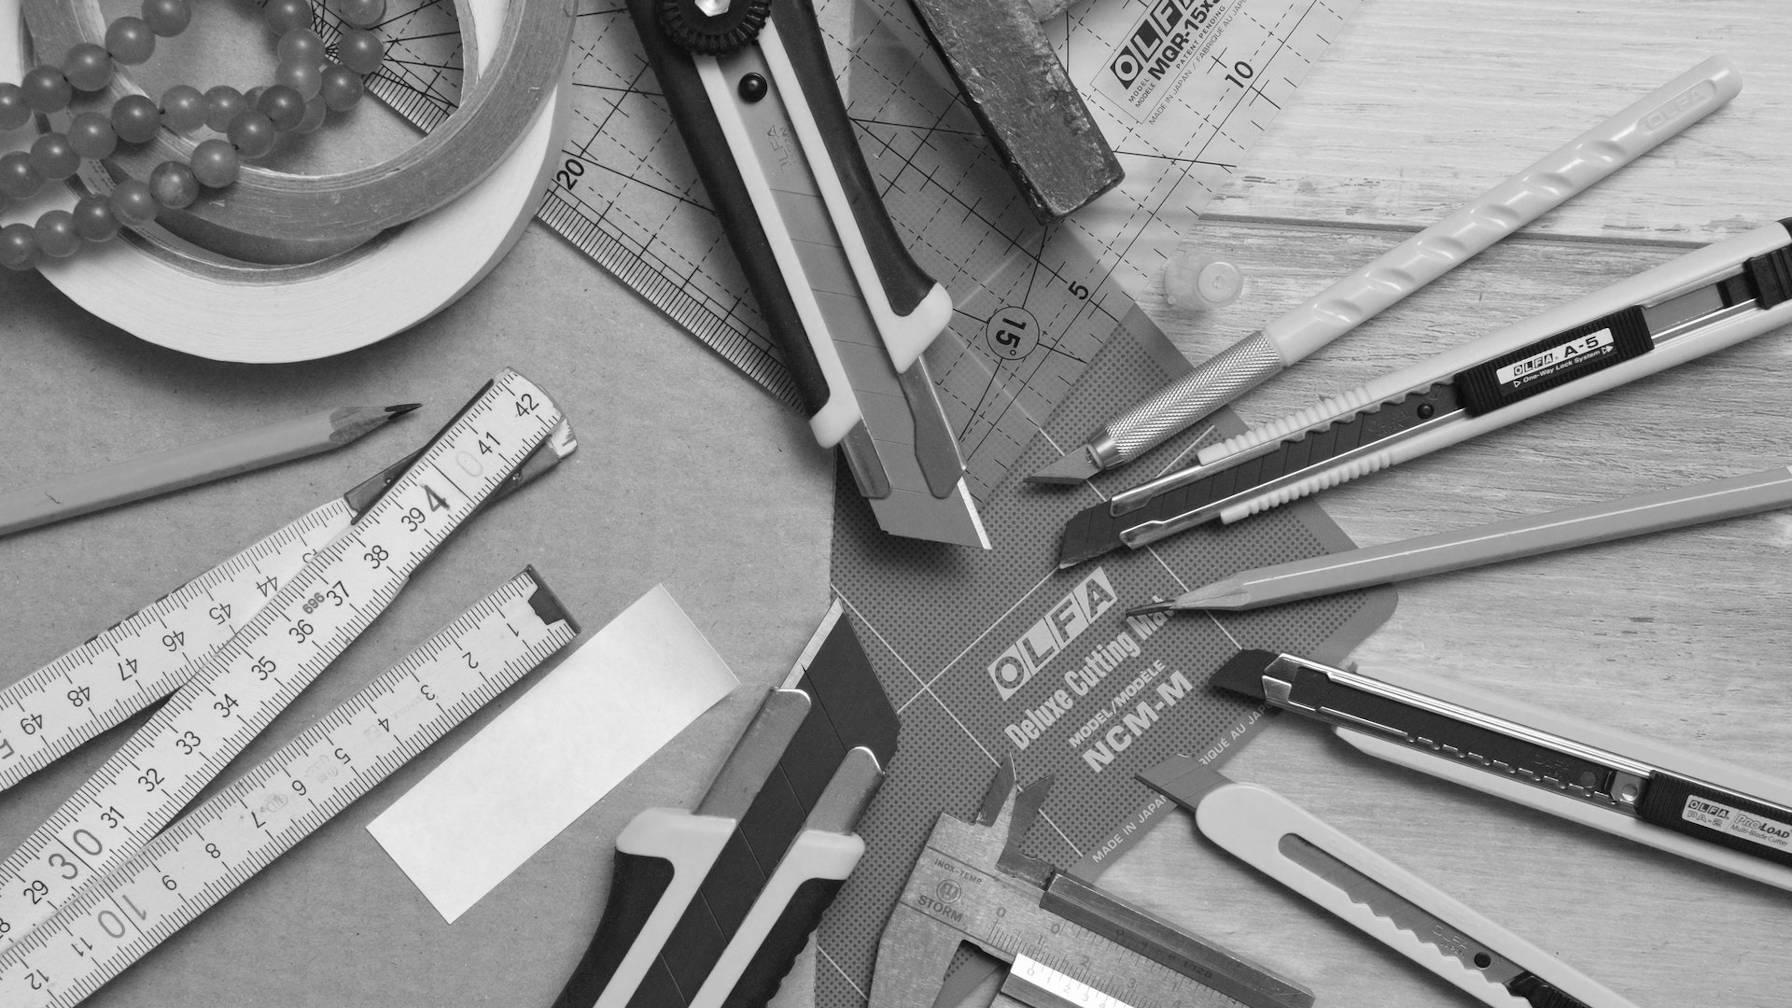 Règles, mesureurs de ruban, coupe-boîtes et crayons sur un bureau.